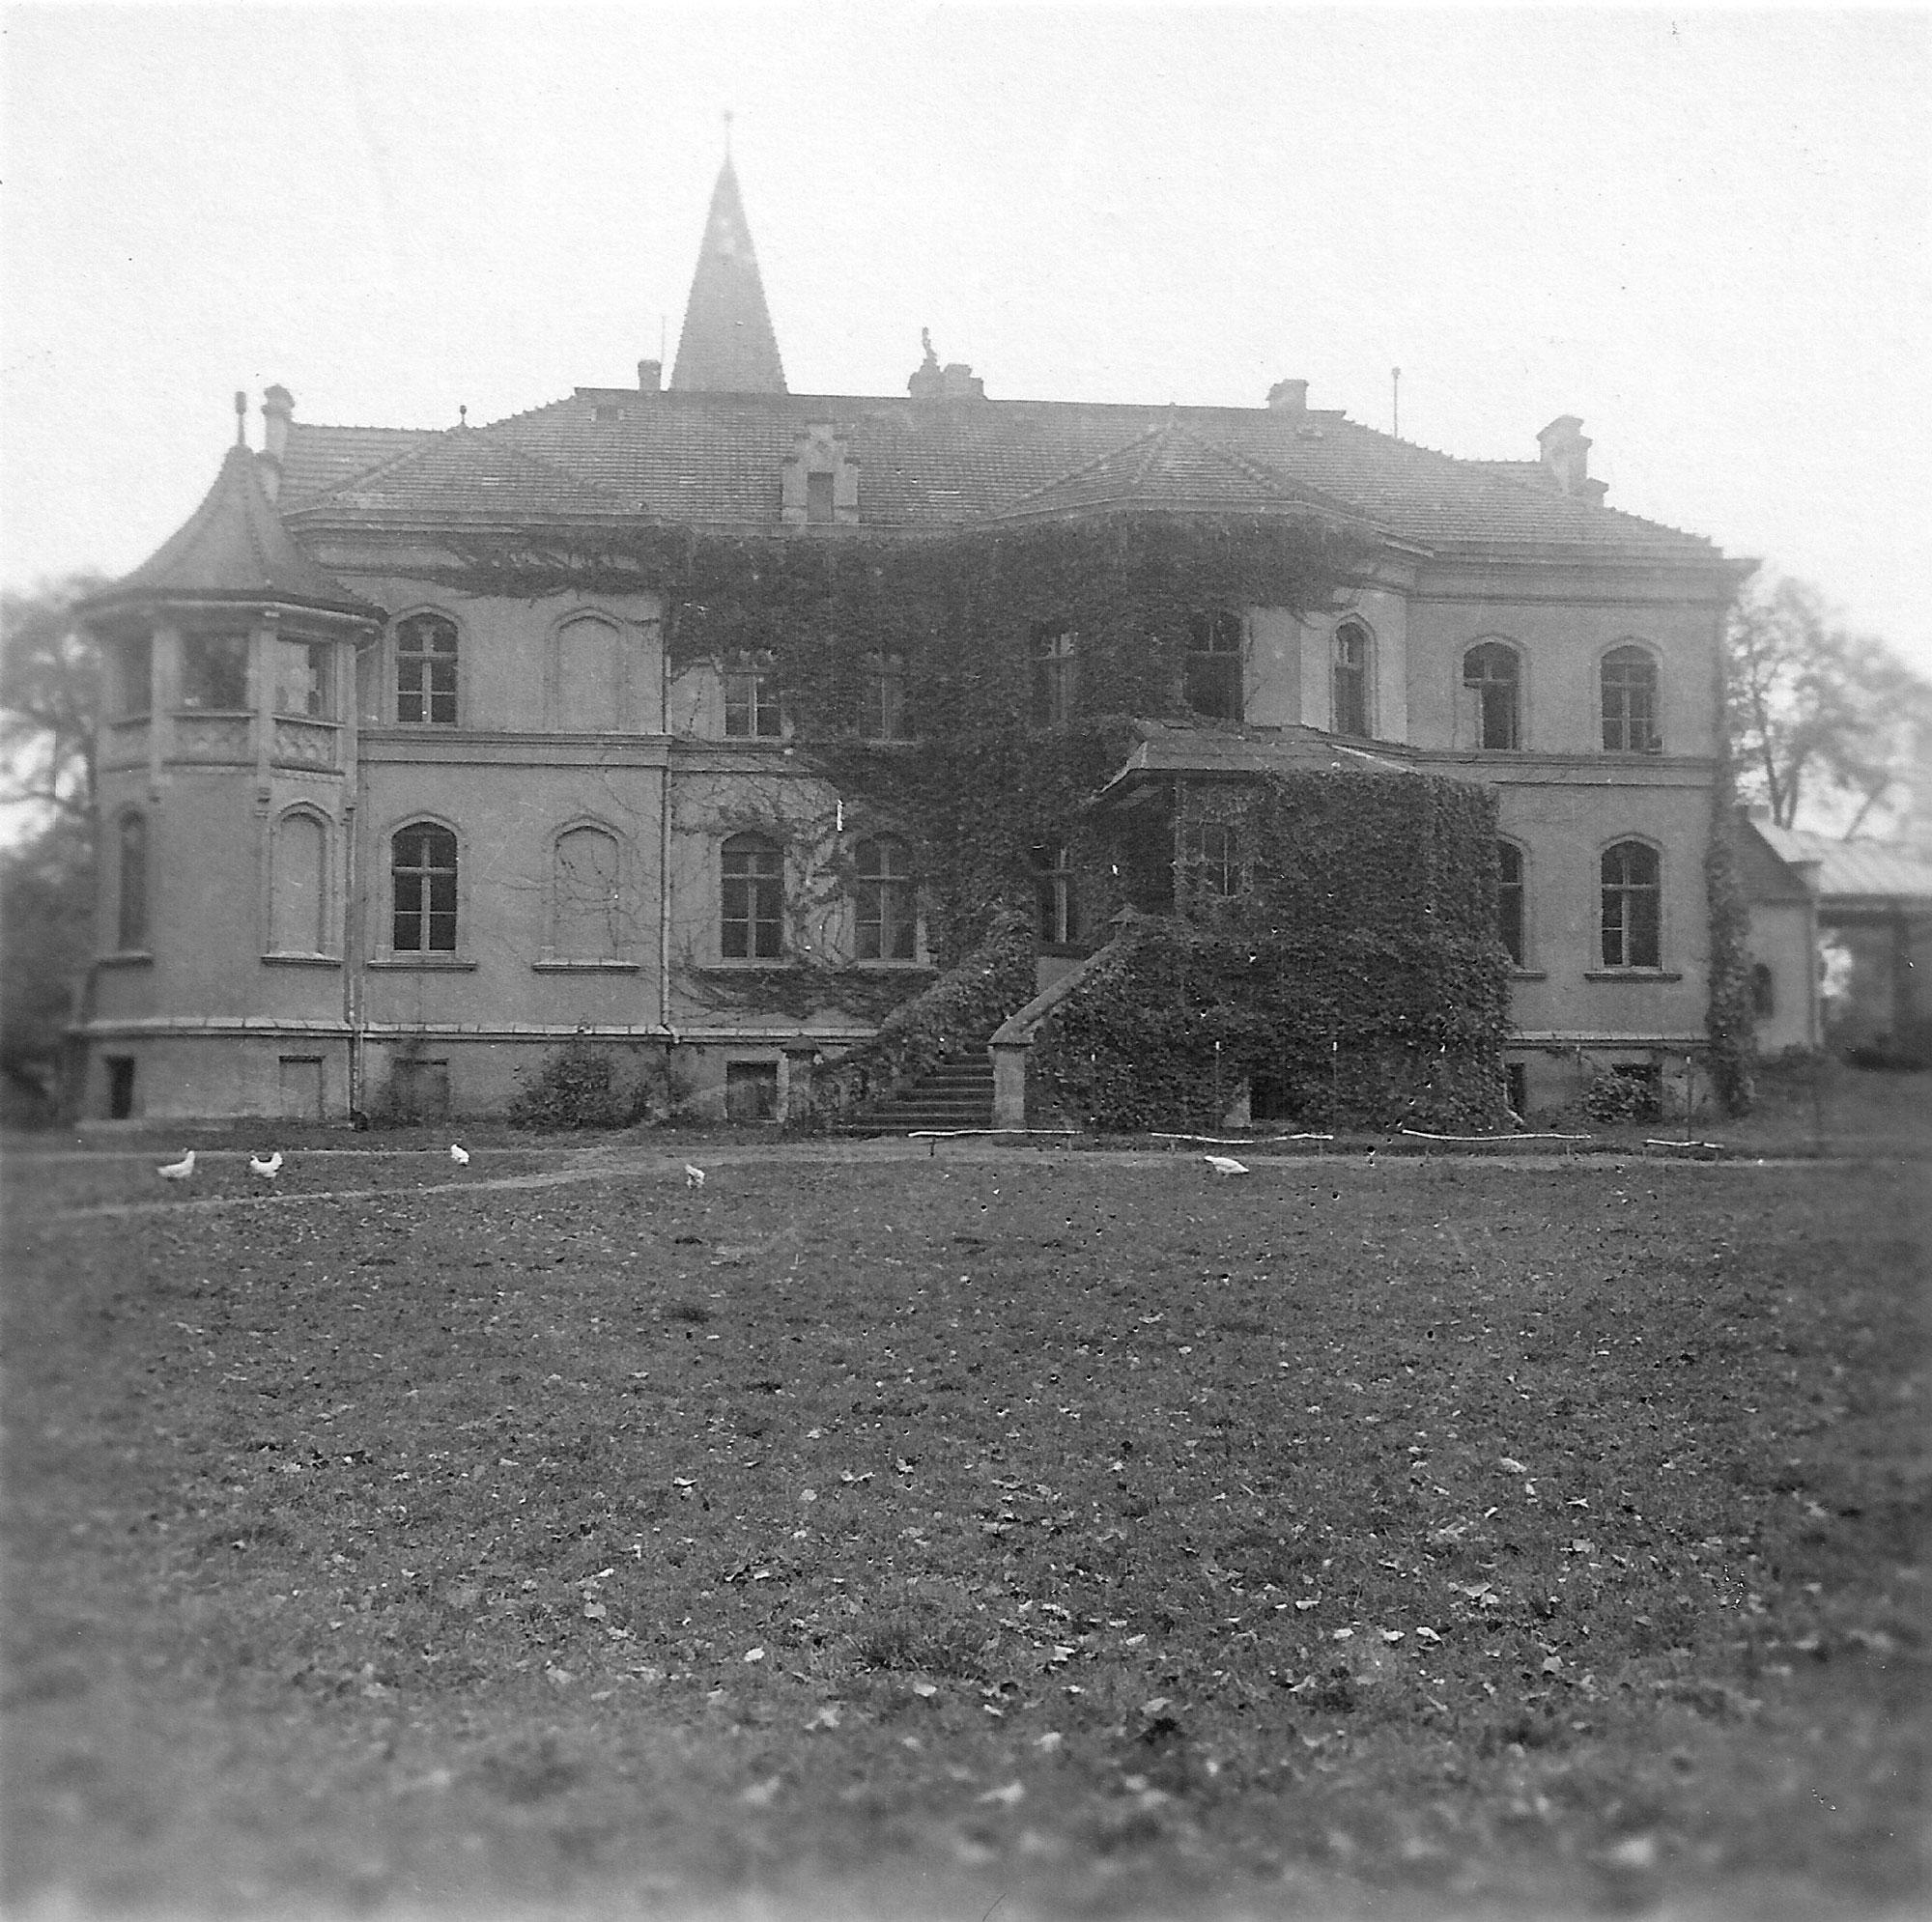 Auf dem schlesische Gutshof in Groß Breesen wurden jüdische Jugendliche landwirtschaftlich geschult und auf die Auswanderung vorbereitet